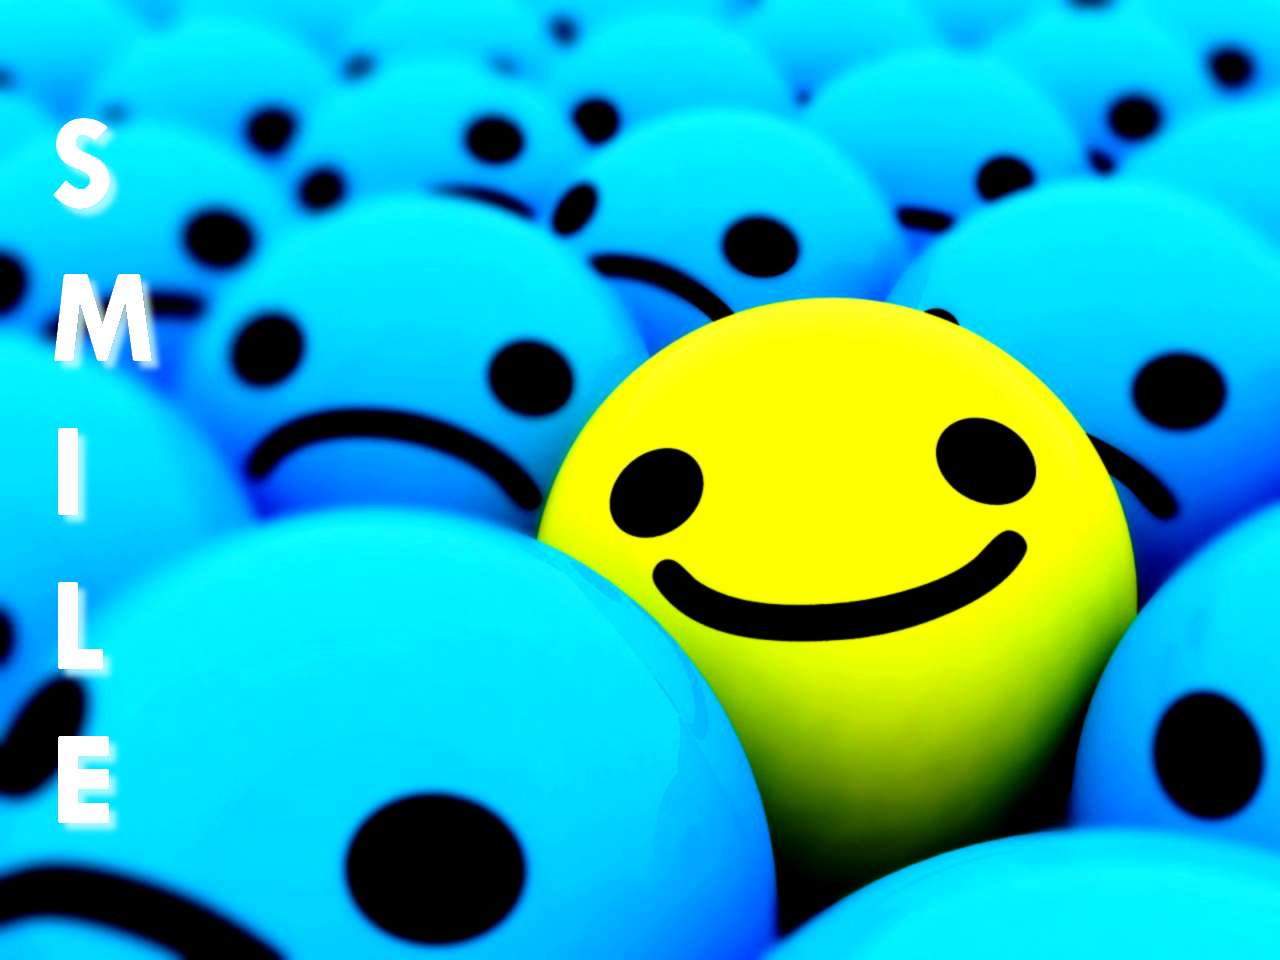 Sonreirle siempre a la vida es la mejor manera de vivir día a día